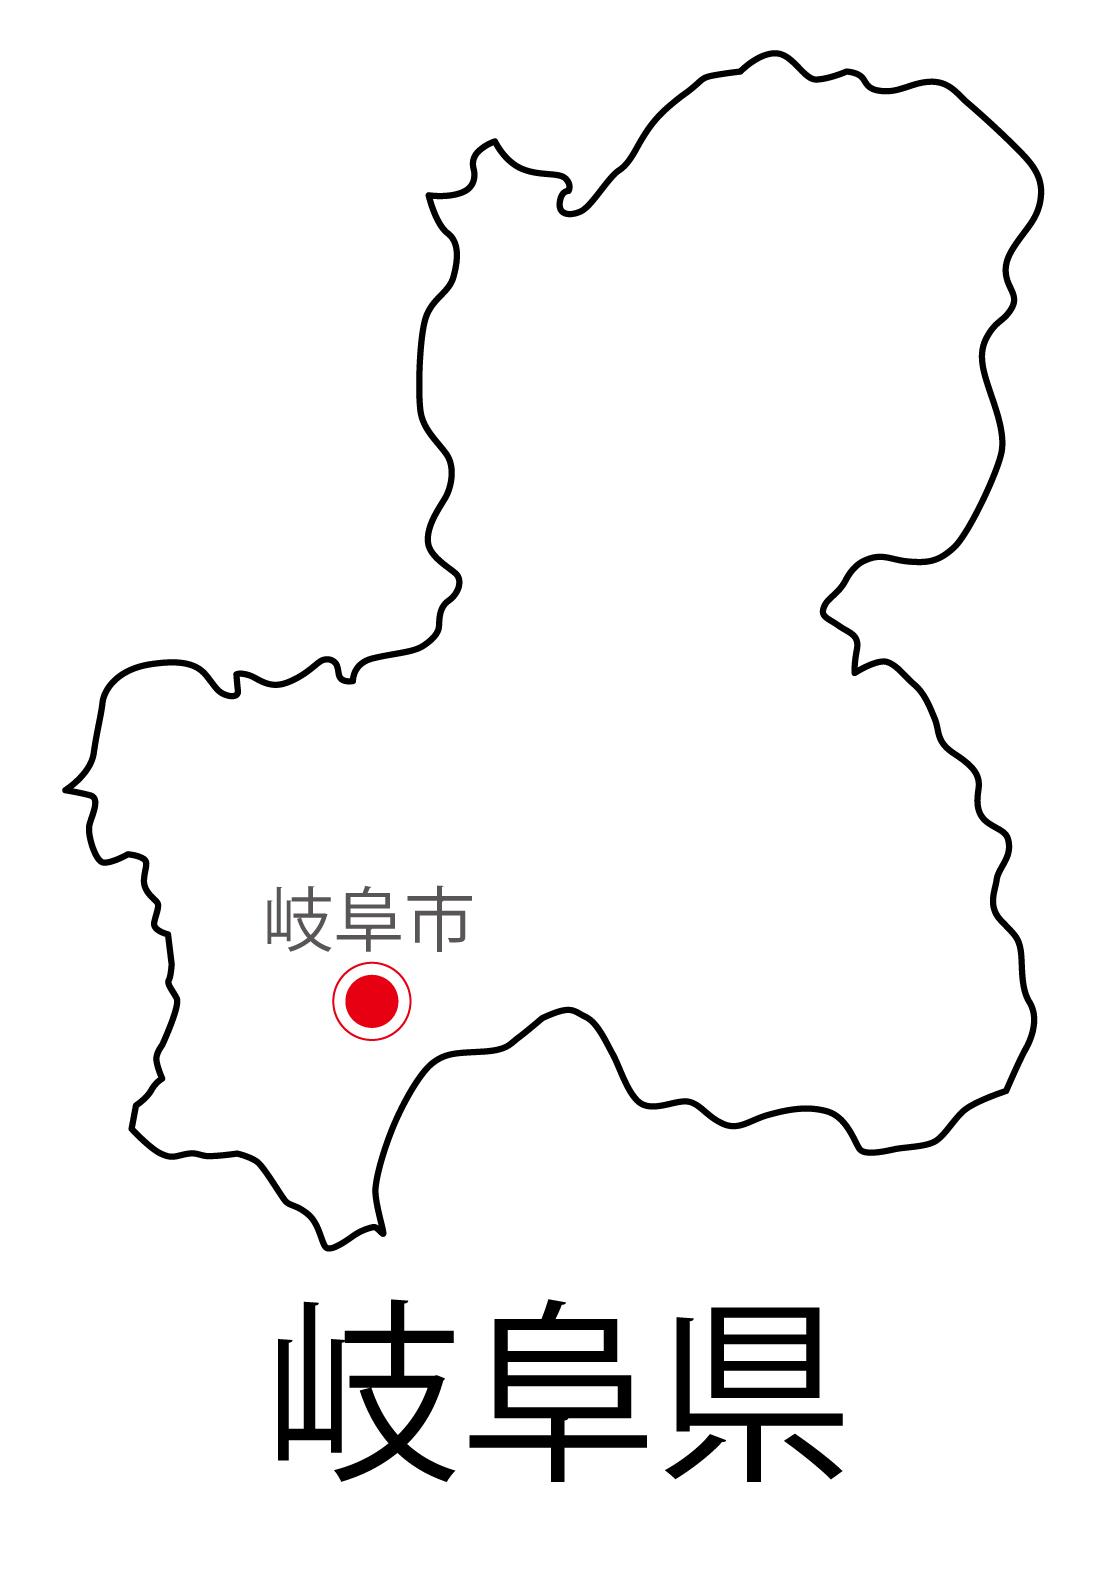 岐阜県無料フリーイラスト|日本語・都道府県名あり・県庁所在地あり(白)